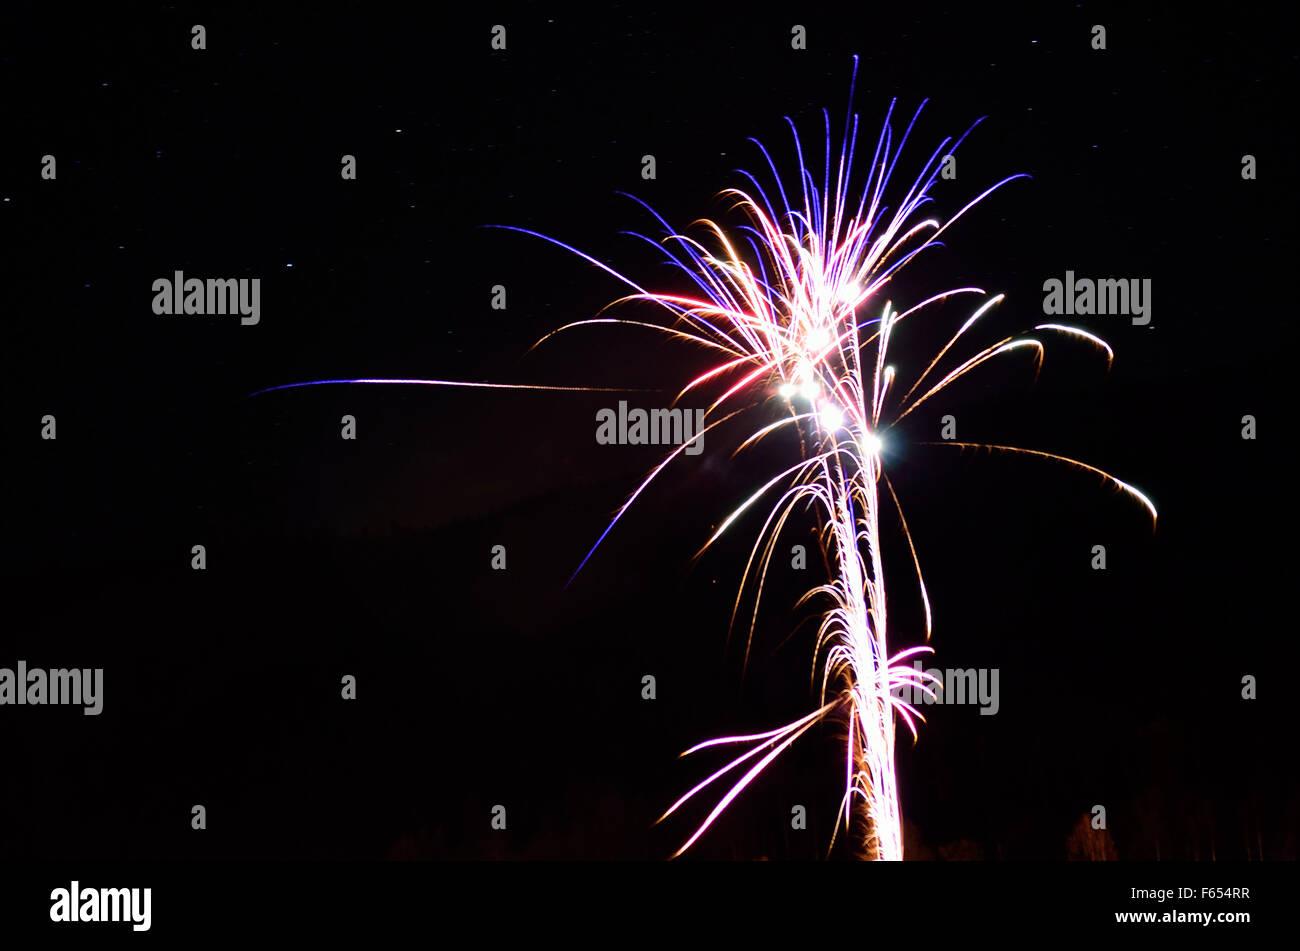 Hermosos fuegos artificiales en el cielo nocturno de invierno en el círculo polar ártico, en el norte de Noruega en la víspera de año nuevo del año 2014 Foto de stock